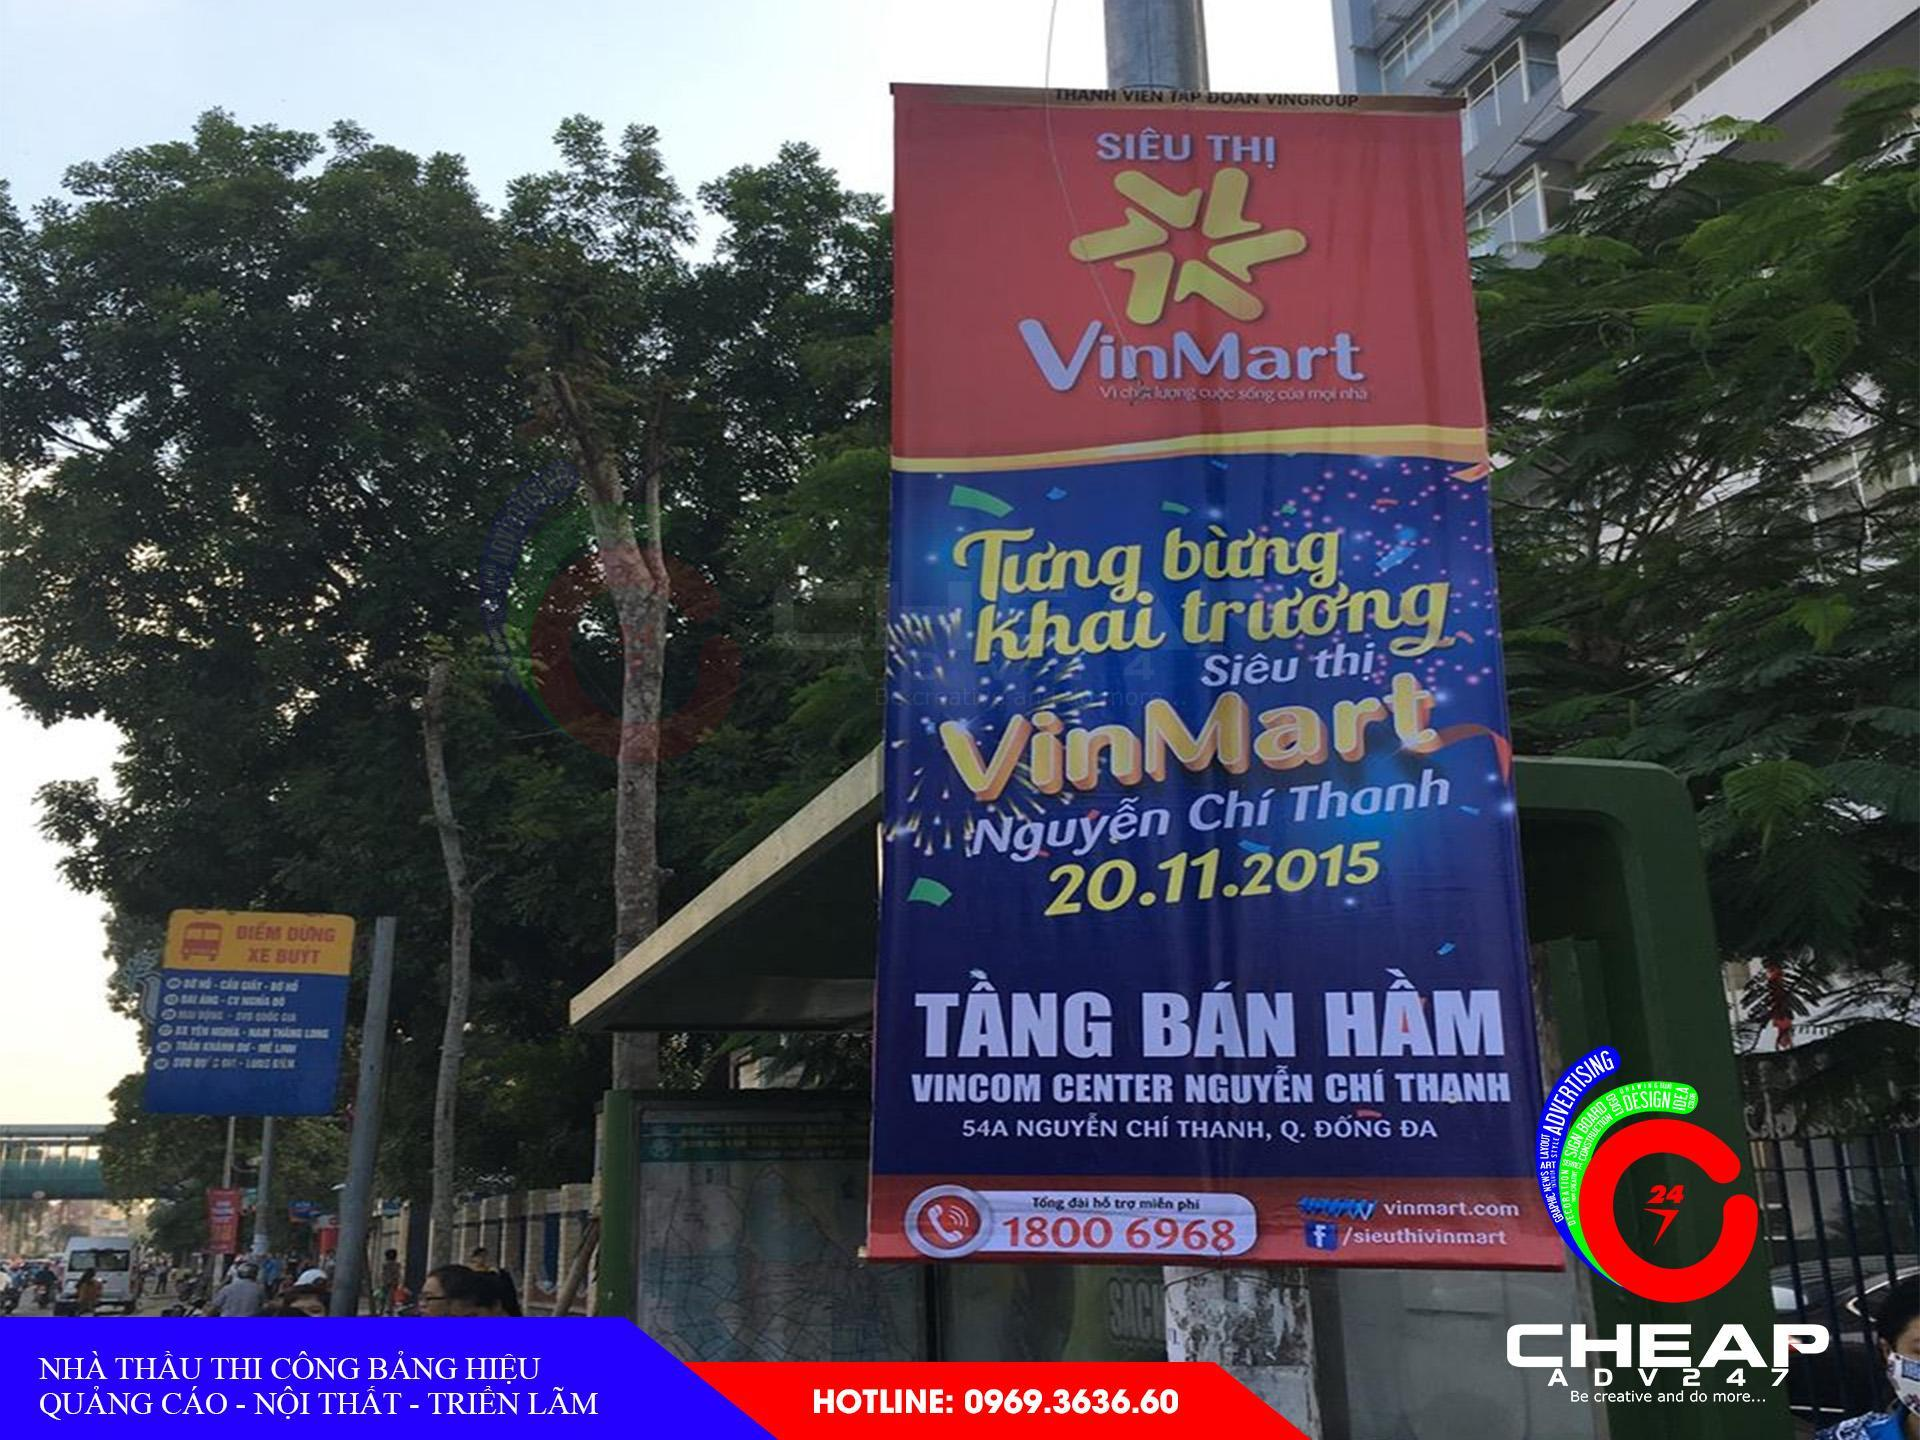 Mẫu băng rôn quảng cáo đẹp tại cheapadv247 - ảnh 1